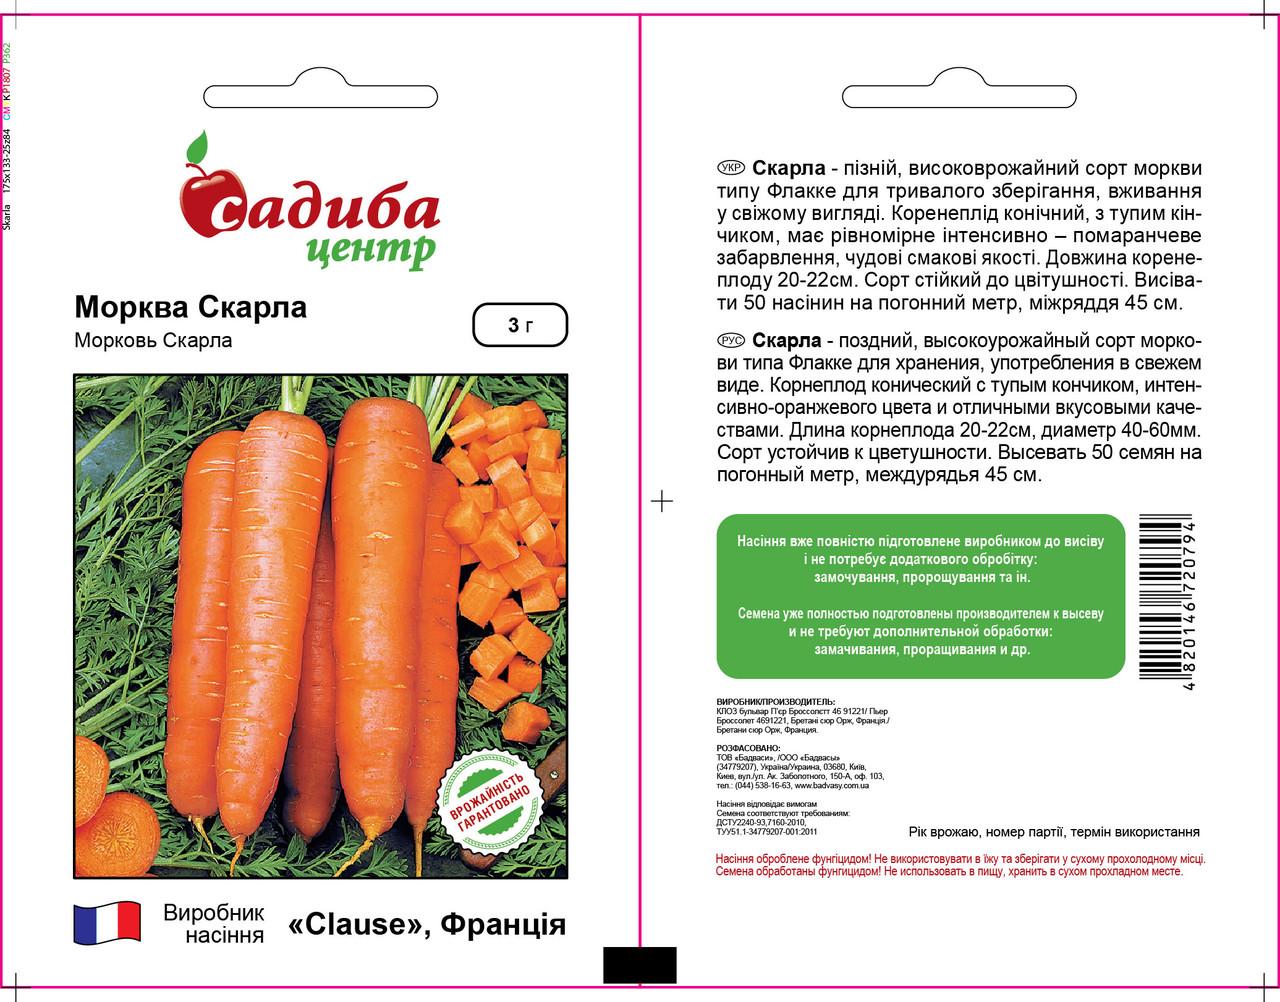 Семена моркови Скарла (Clause / САДЫБА ЦЕНТР) 3 г - поздняя сортовая (130-140 дней)